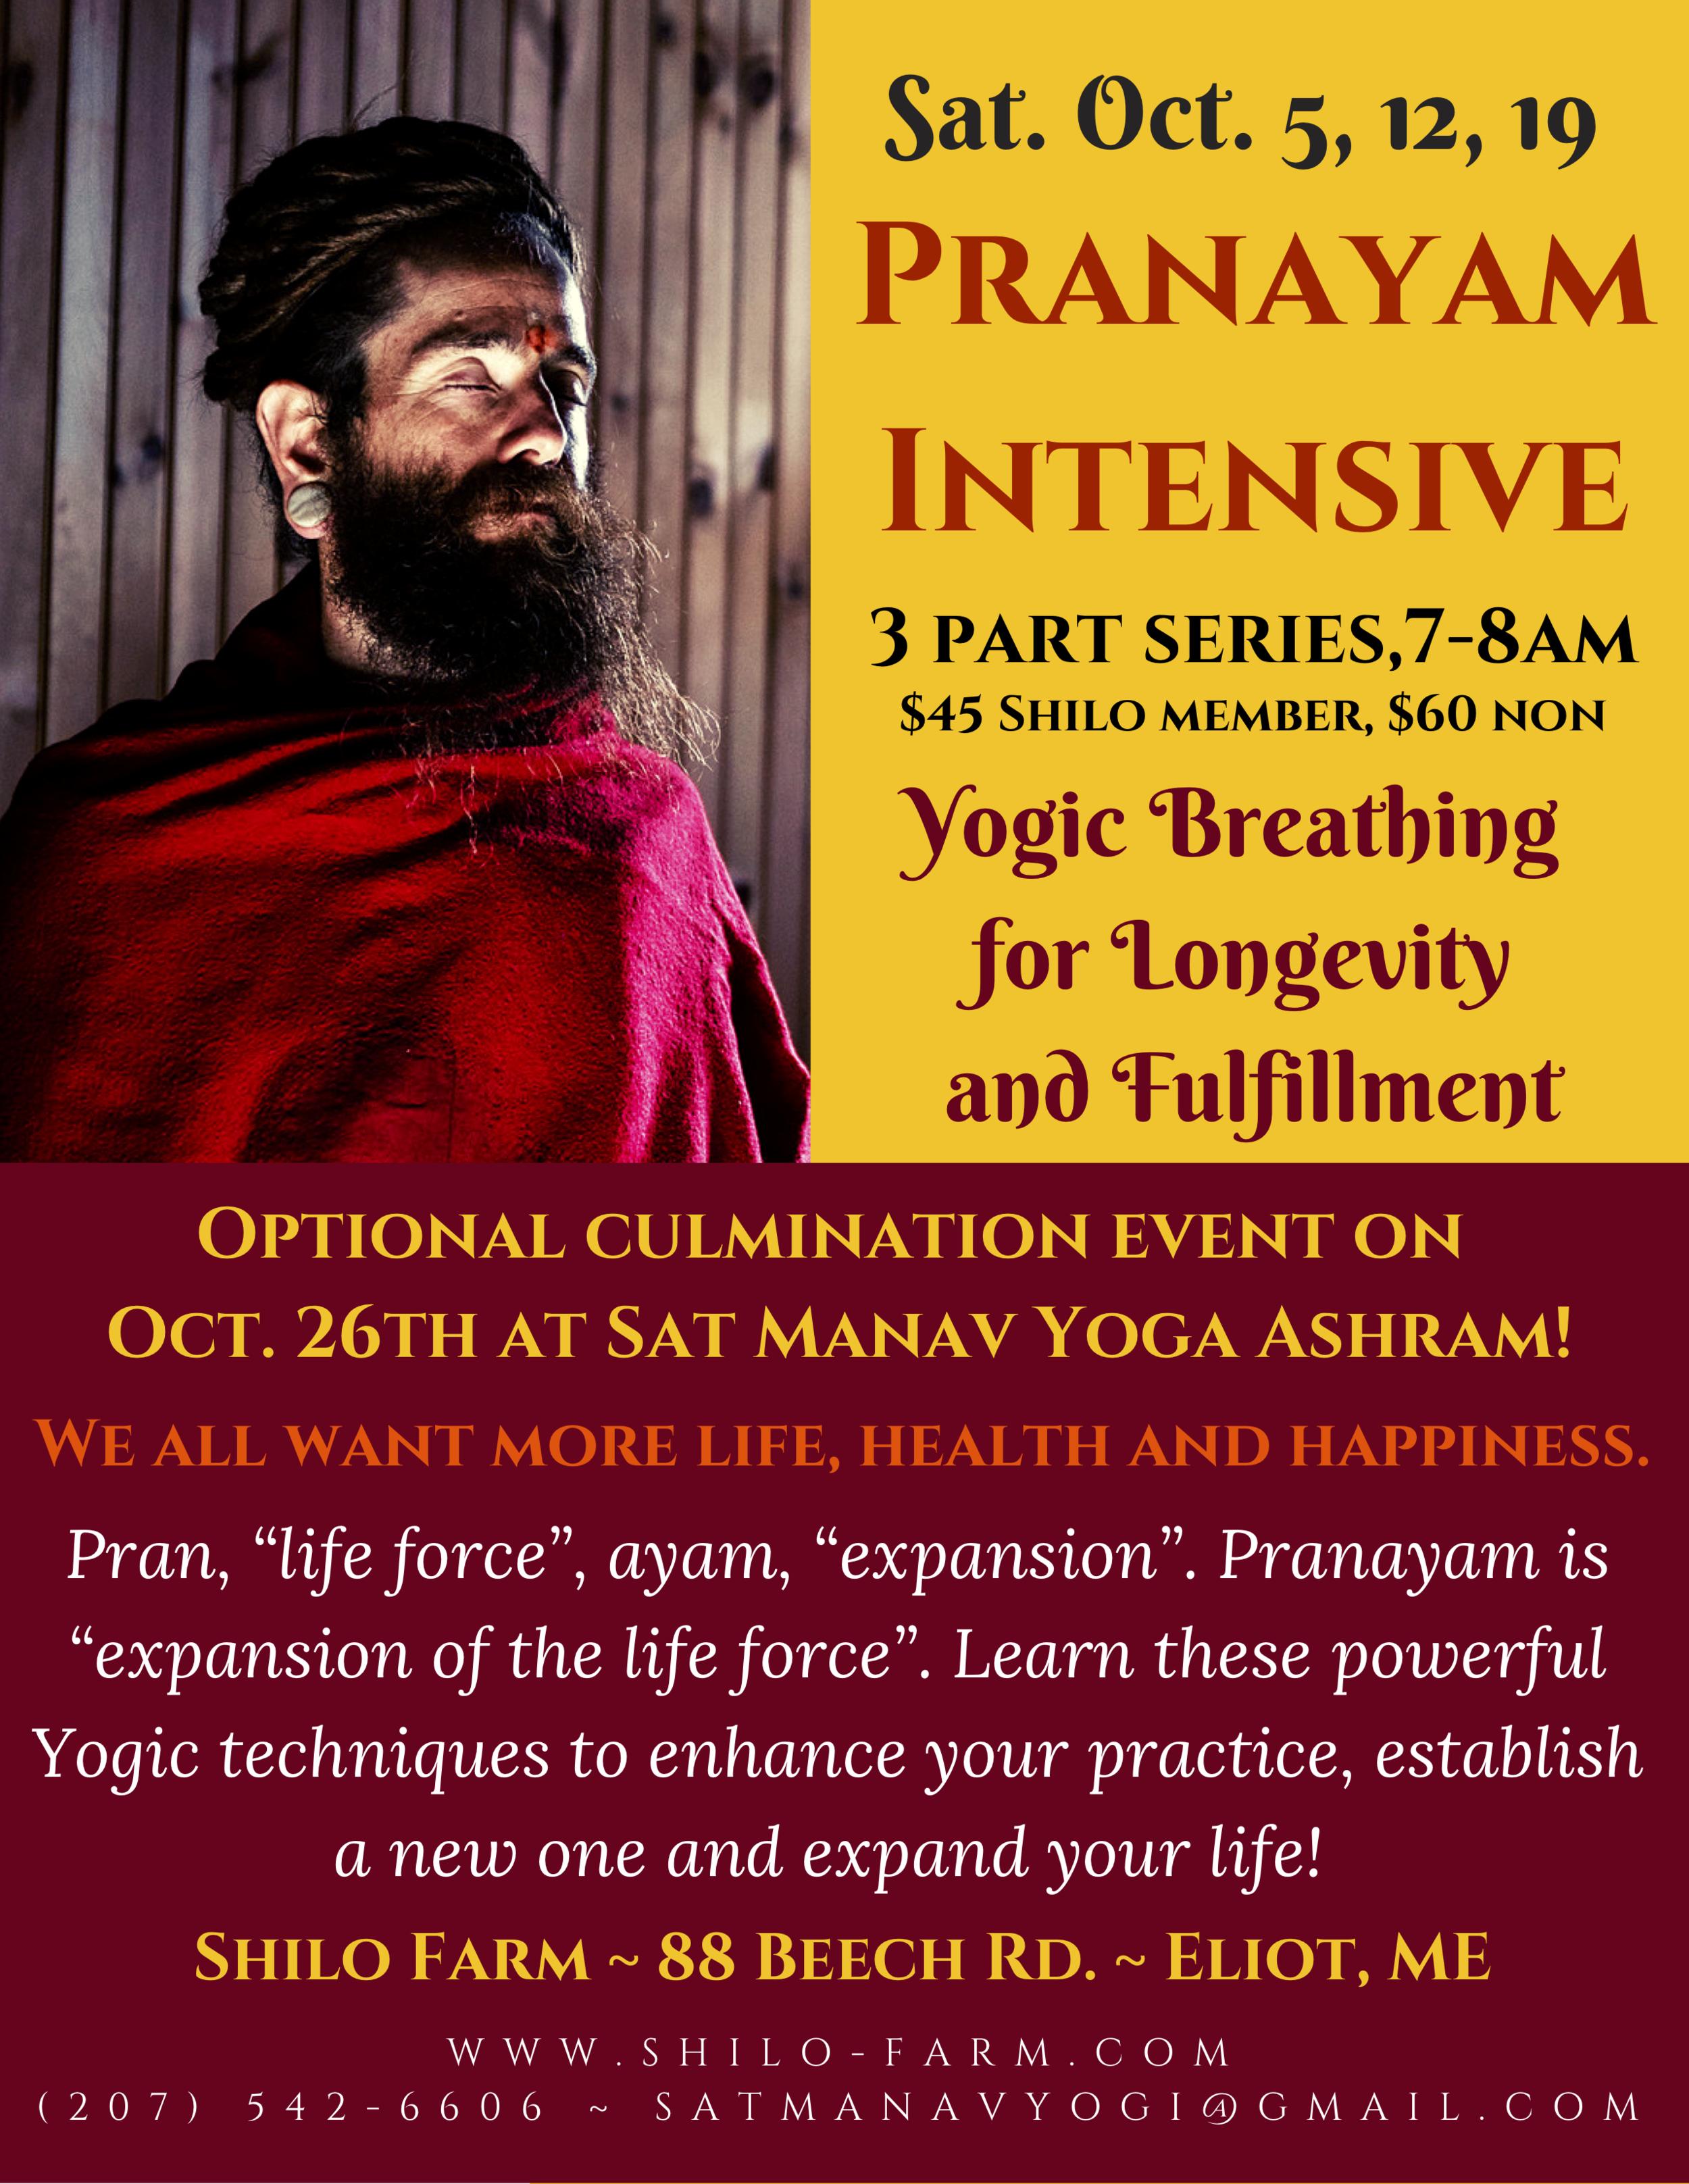 Shugs Pranayam Poster.png